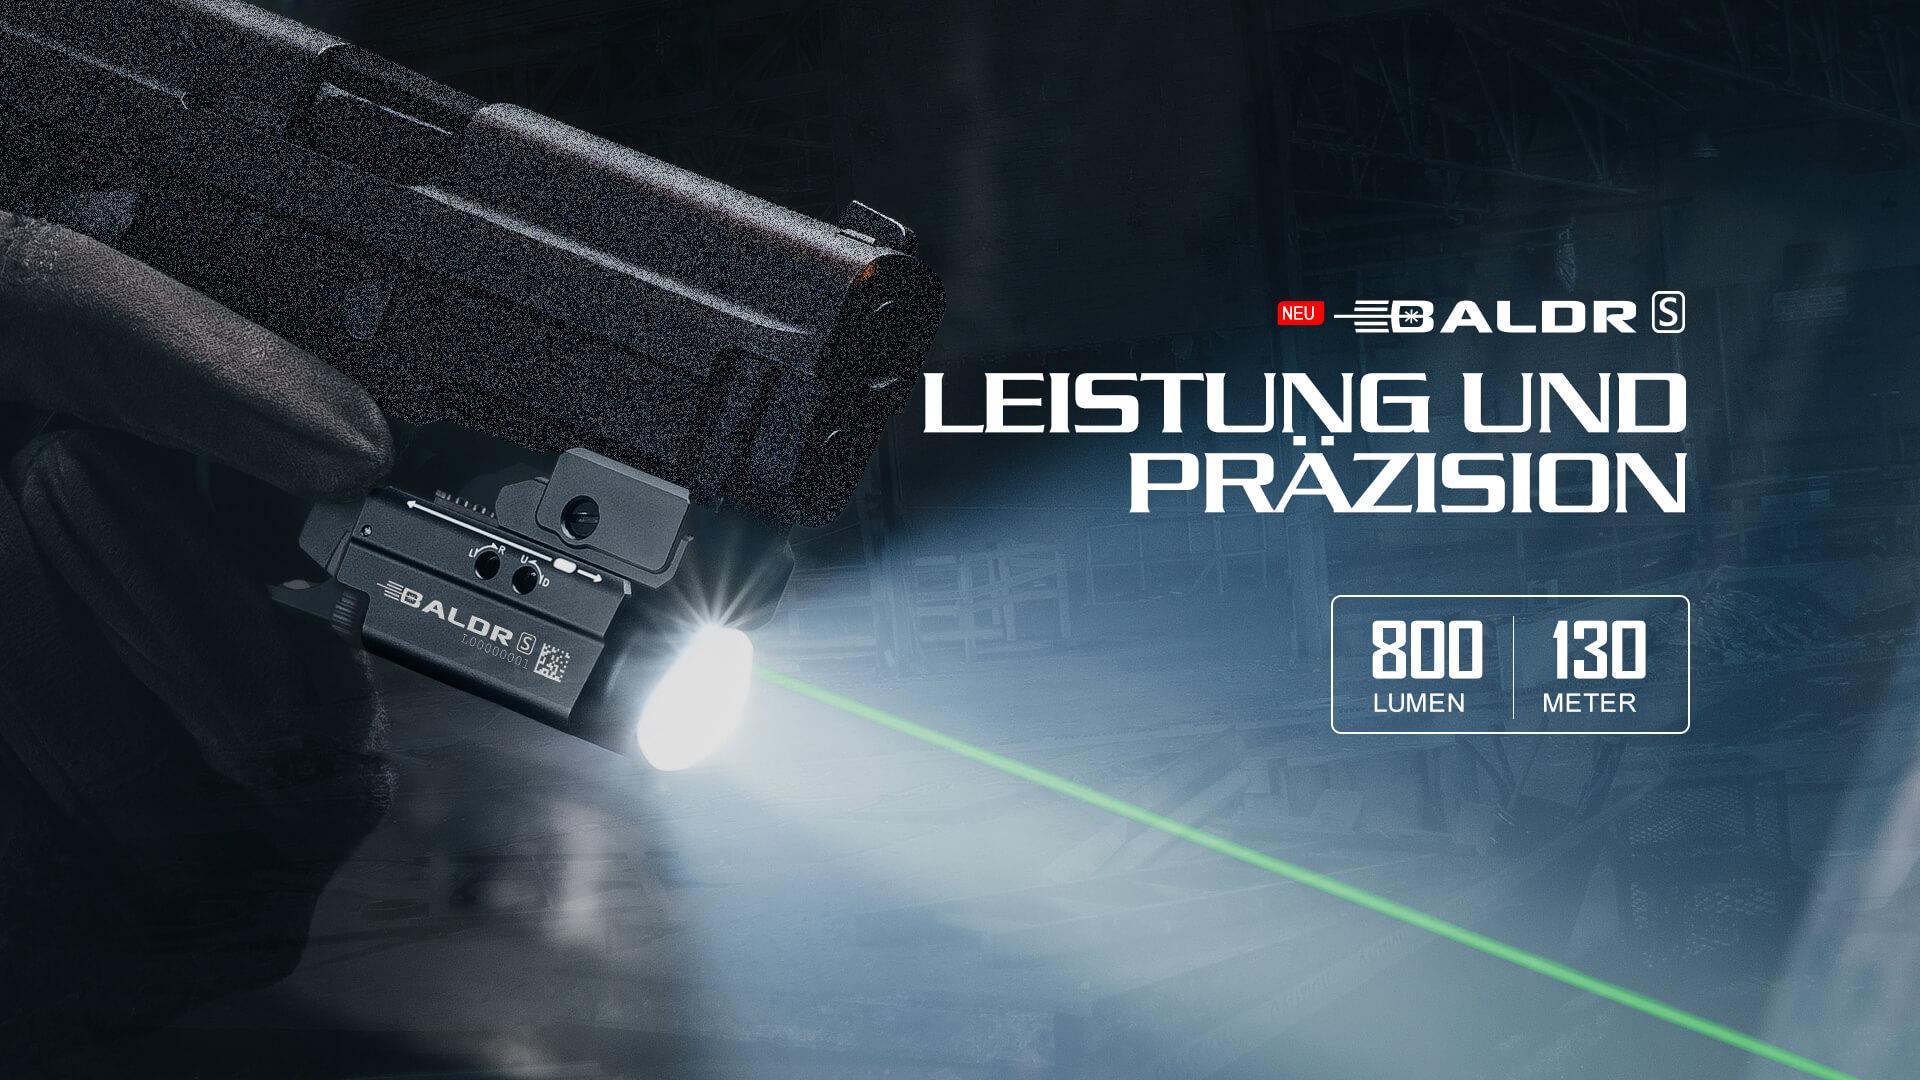 Die Baldr S ist eine der leistungsstärksten kompakten Licht-/Laserkombinationen auf dem Markt.